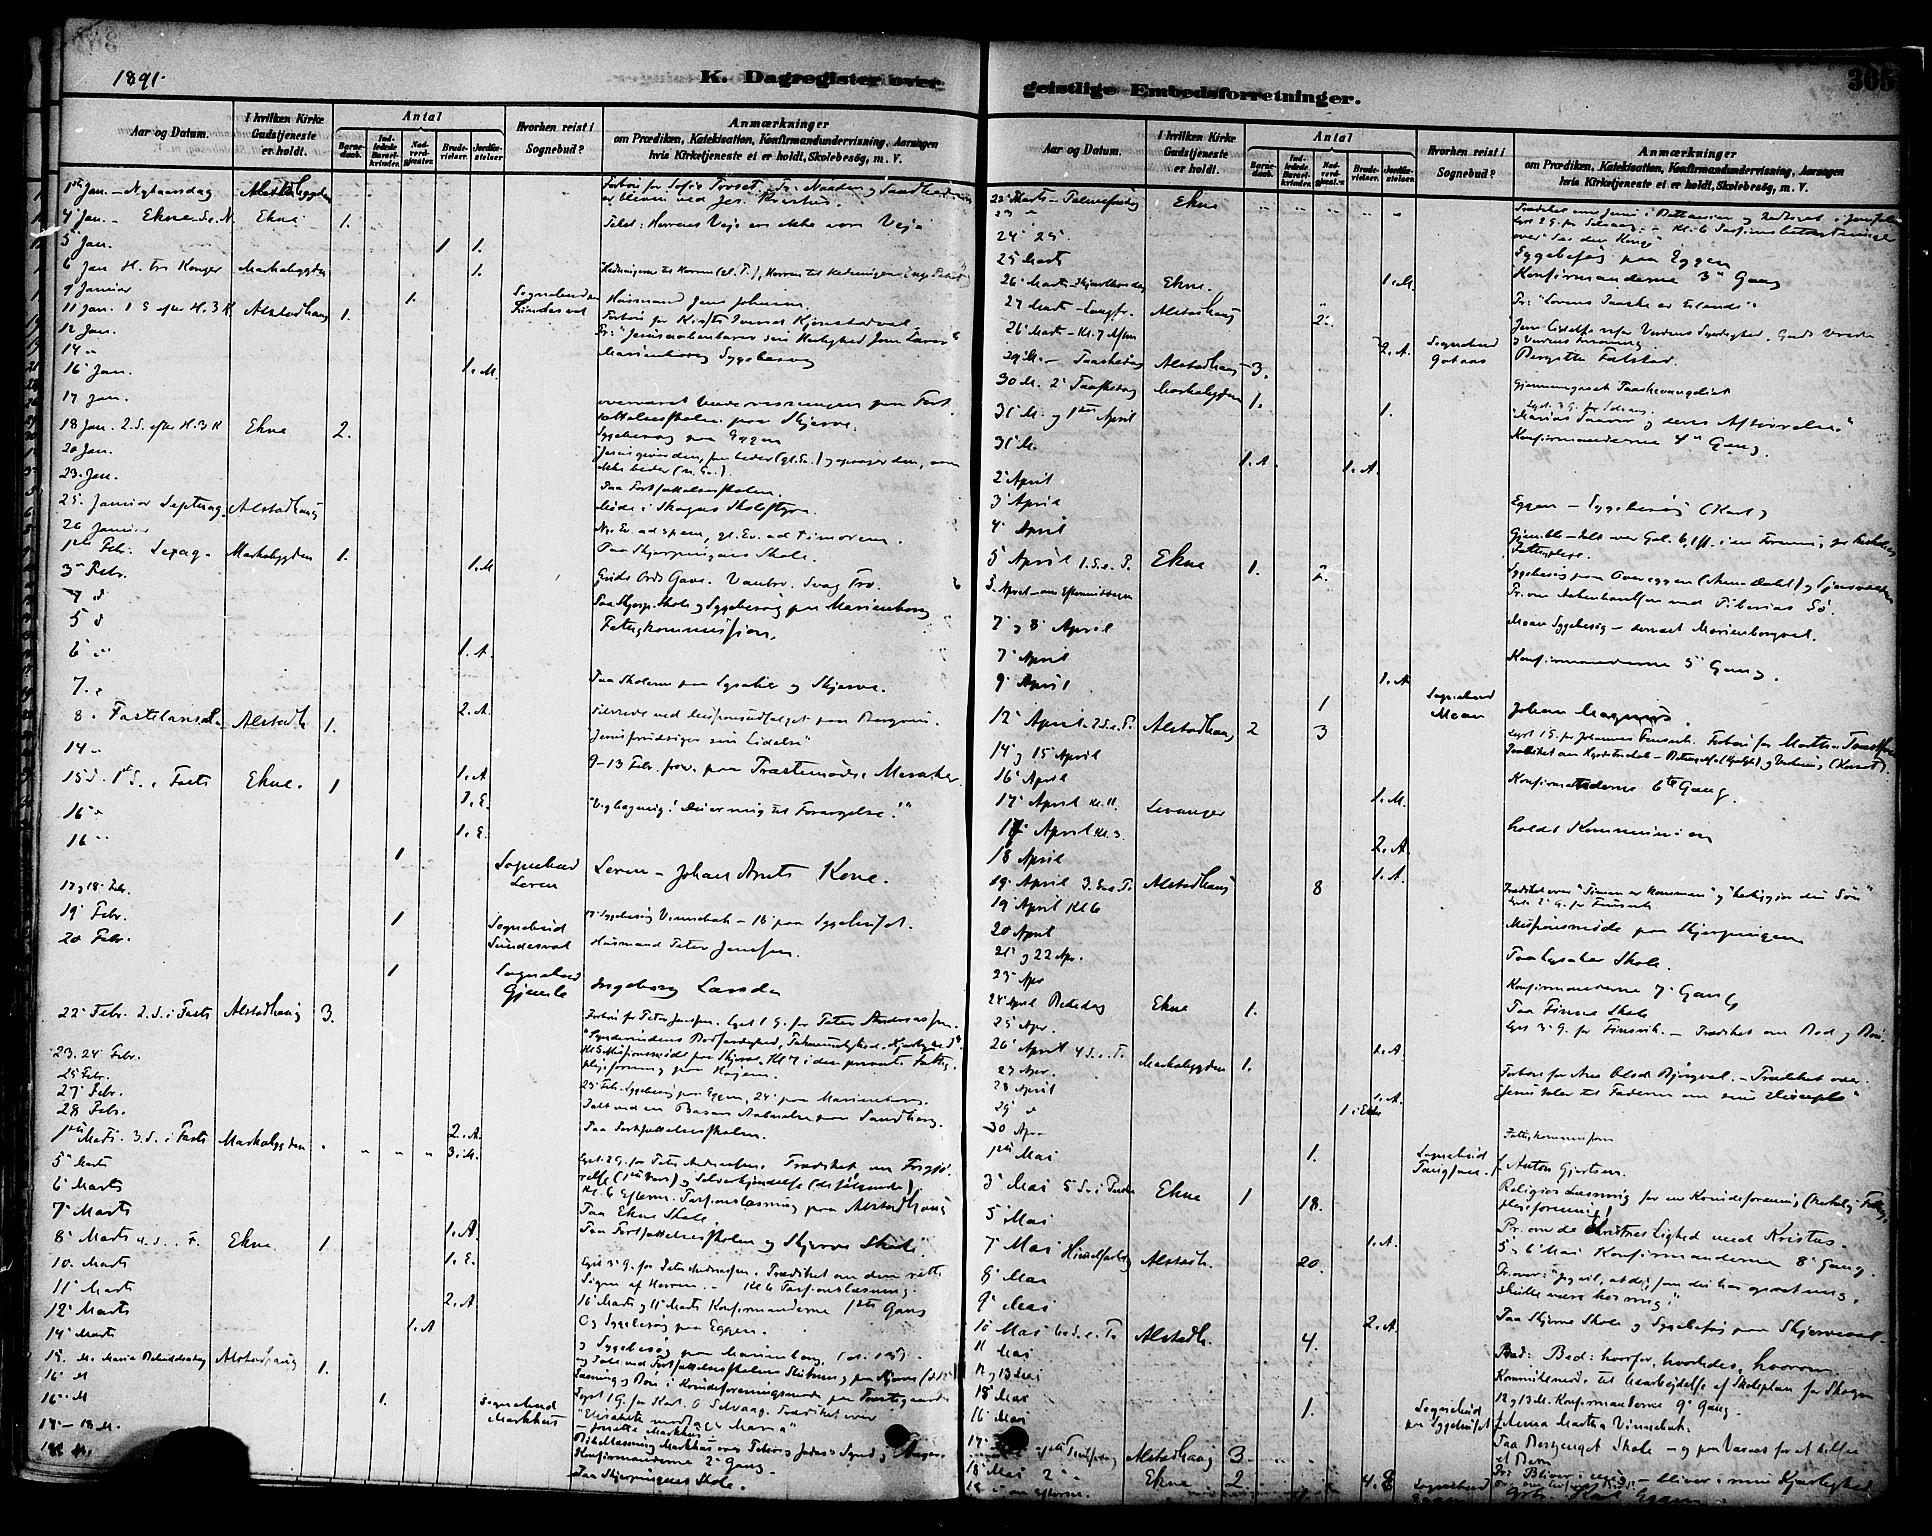 SAT, Ministerialprotokoller, klokkerbøker og fødselsregistre - Nord-Trøndelag, 717/L0159: Ministerialbok nr. 717A09, 1878-1898, s. 365